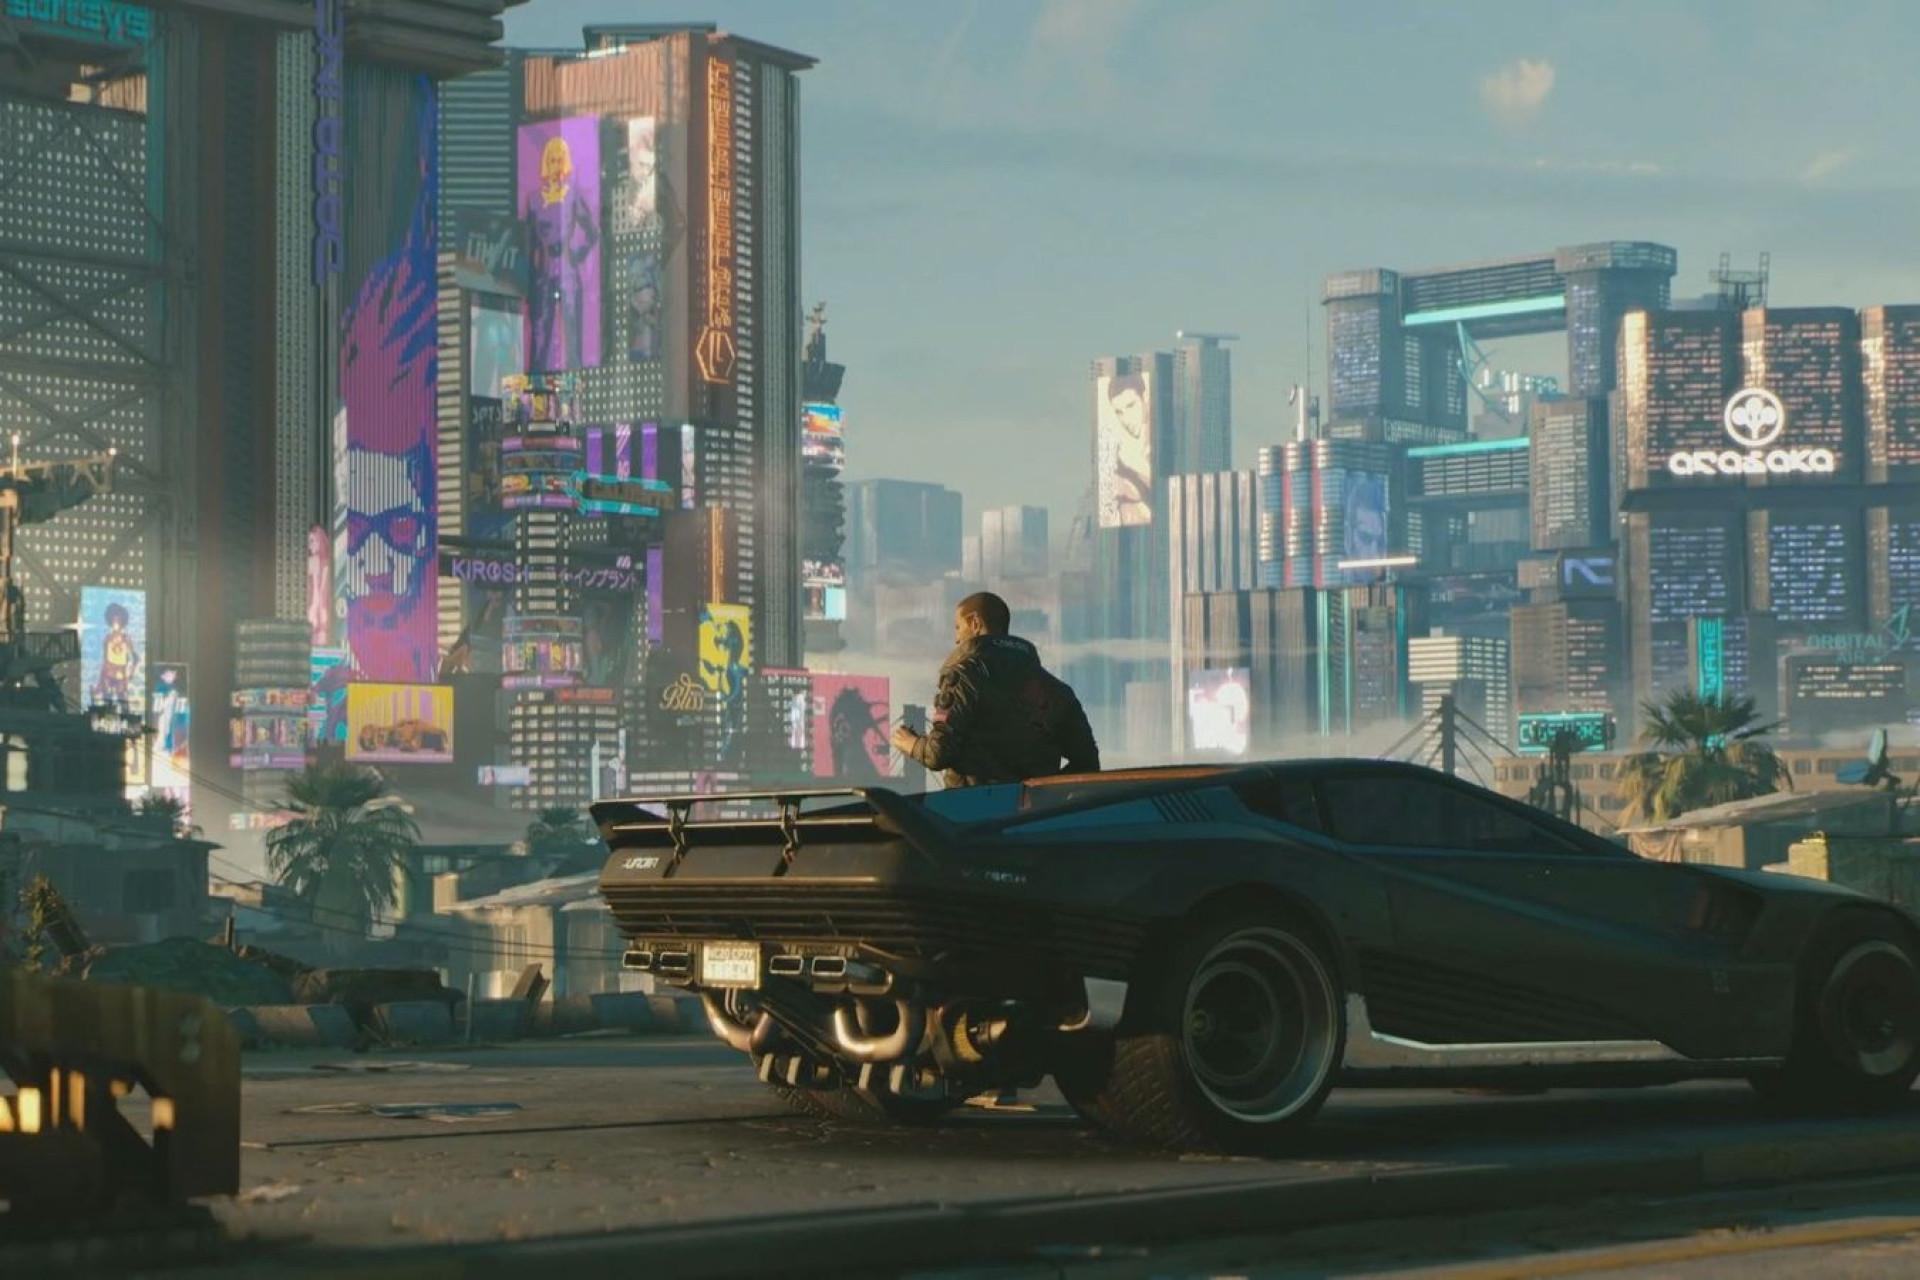 Eis os jogos que mais fizeram sonhar nesta edição da E3 2018